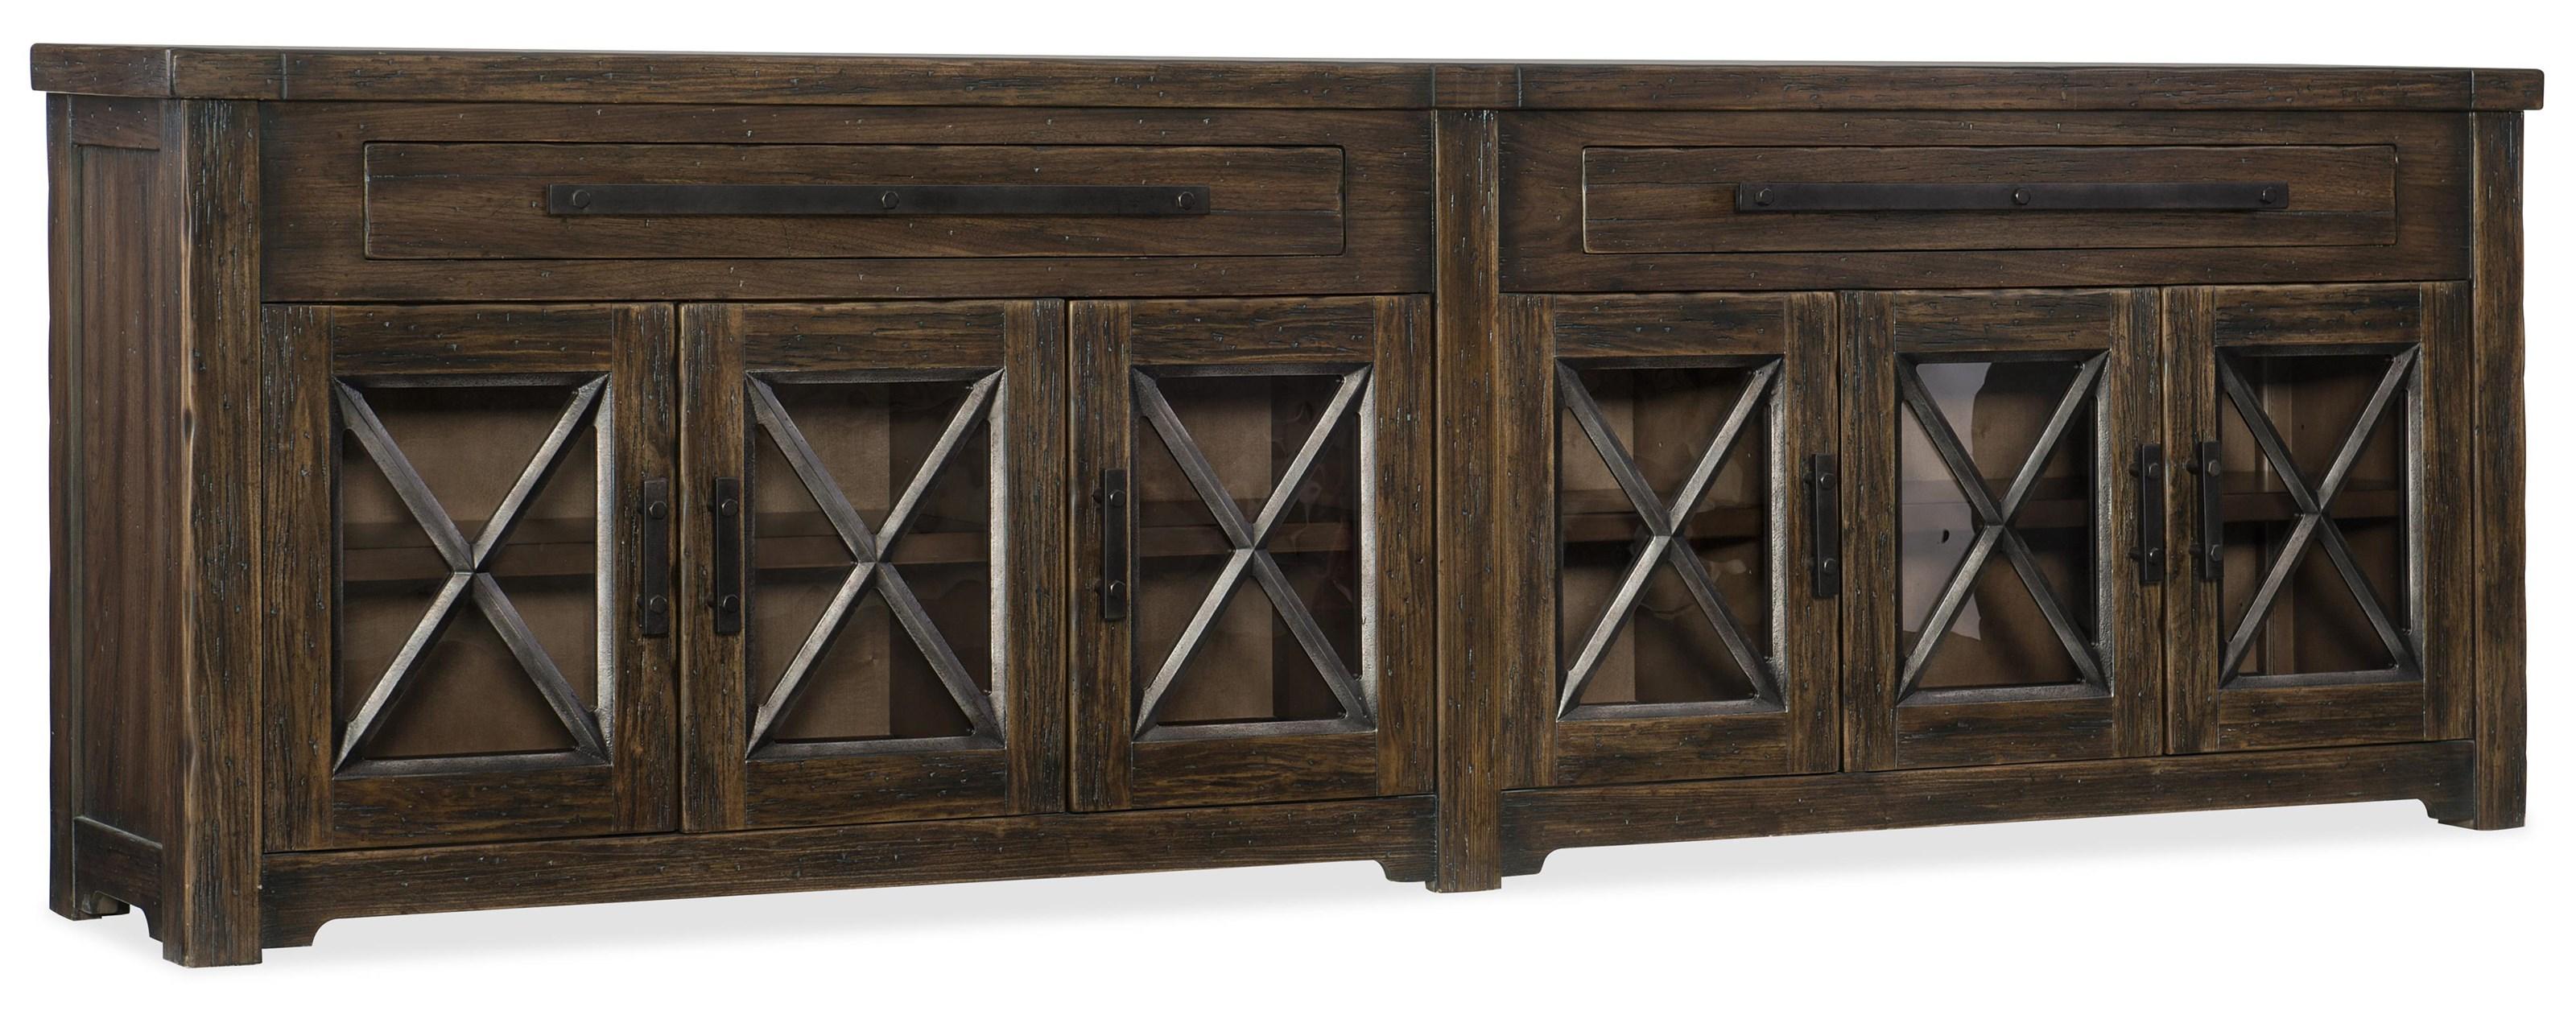 Hooker Furniture 1618-American Life Credenza - Item Number: 1618-85001-DKW